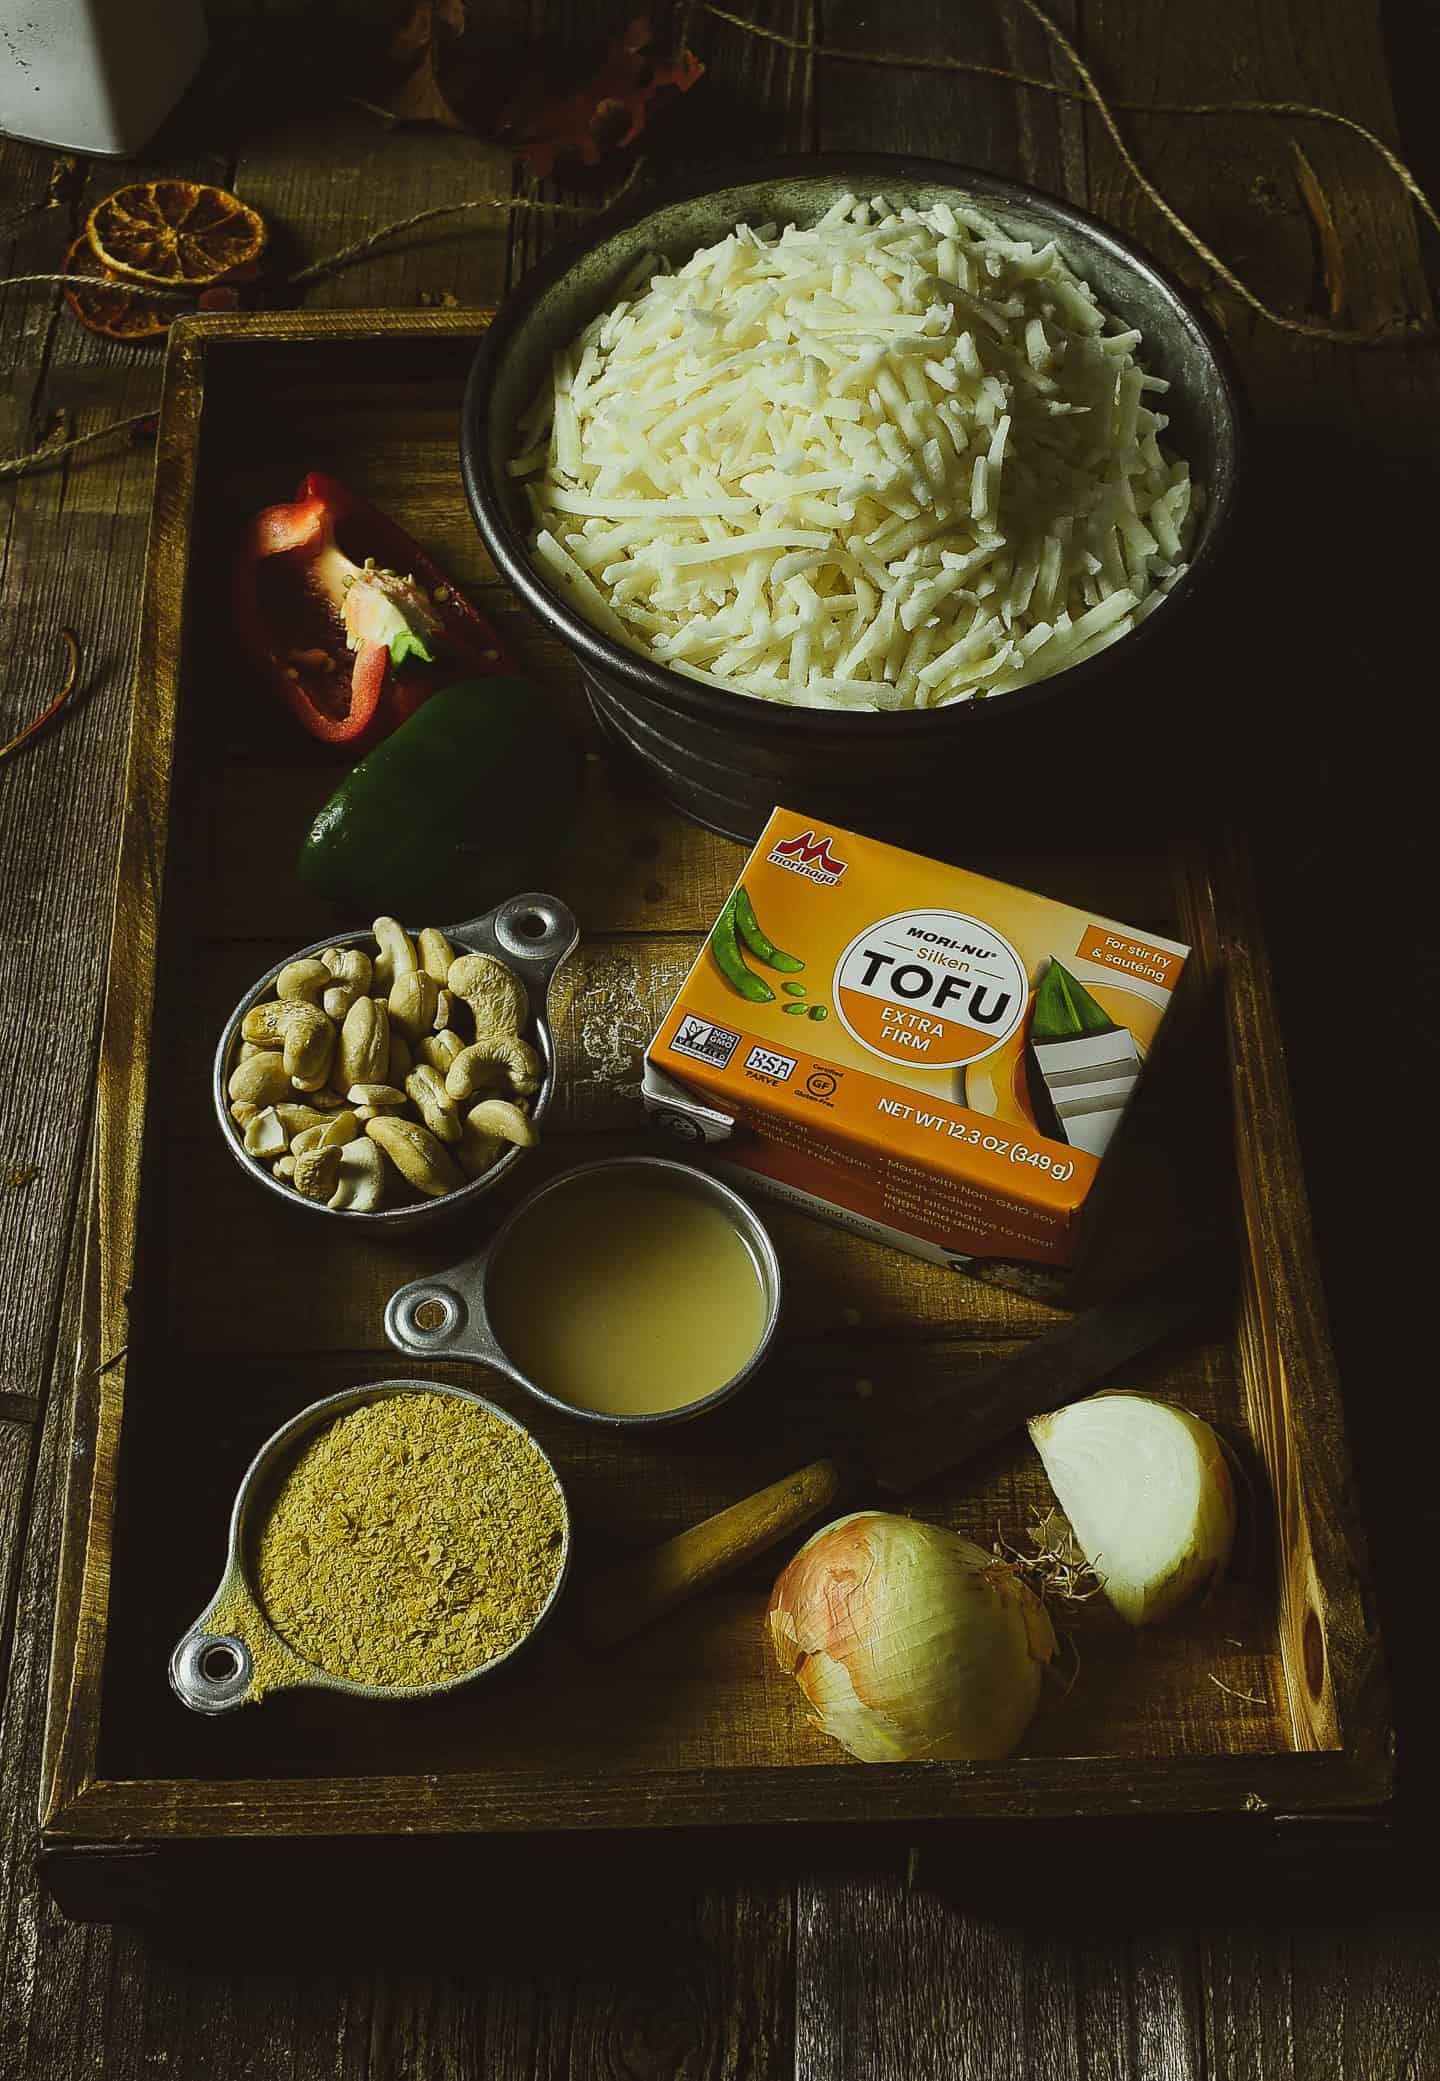 Breakfast casserole ingredients on a tray.